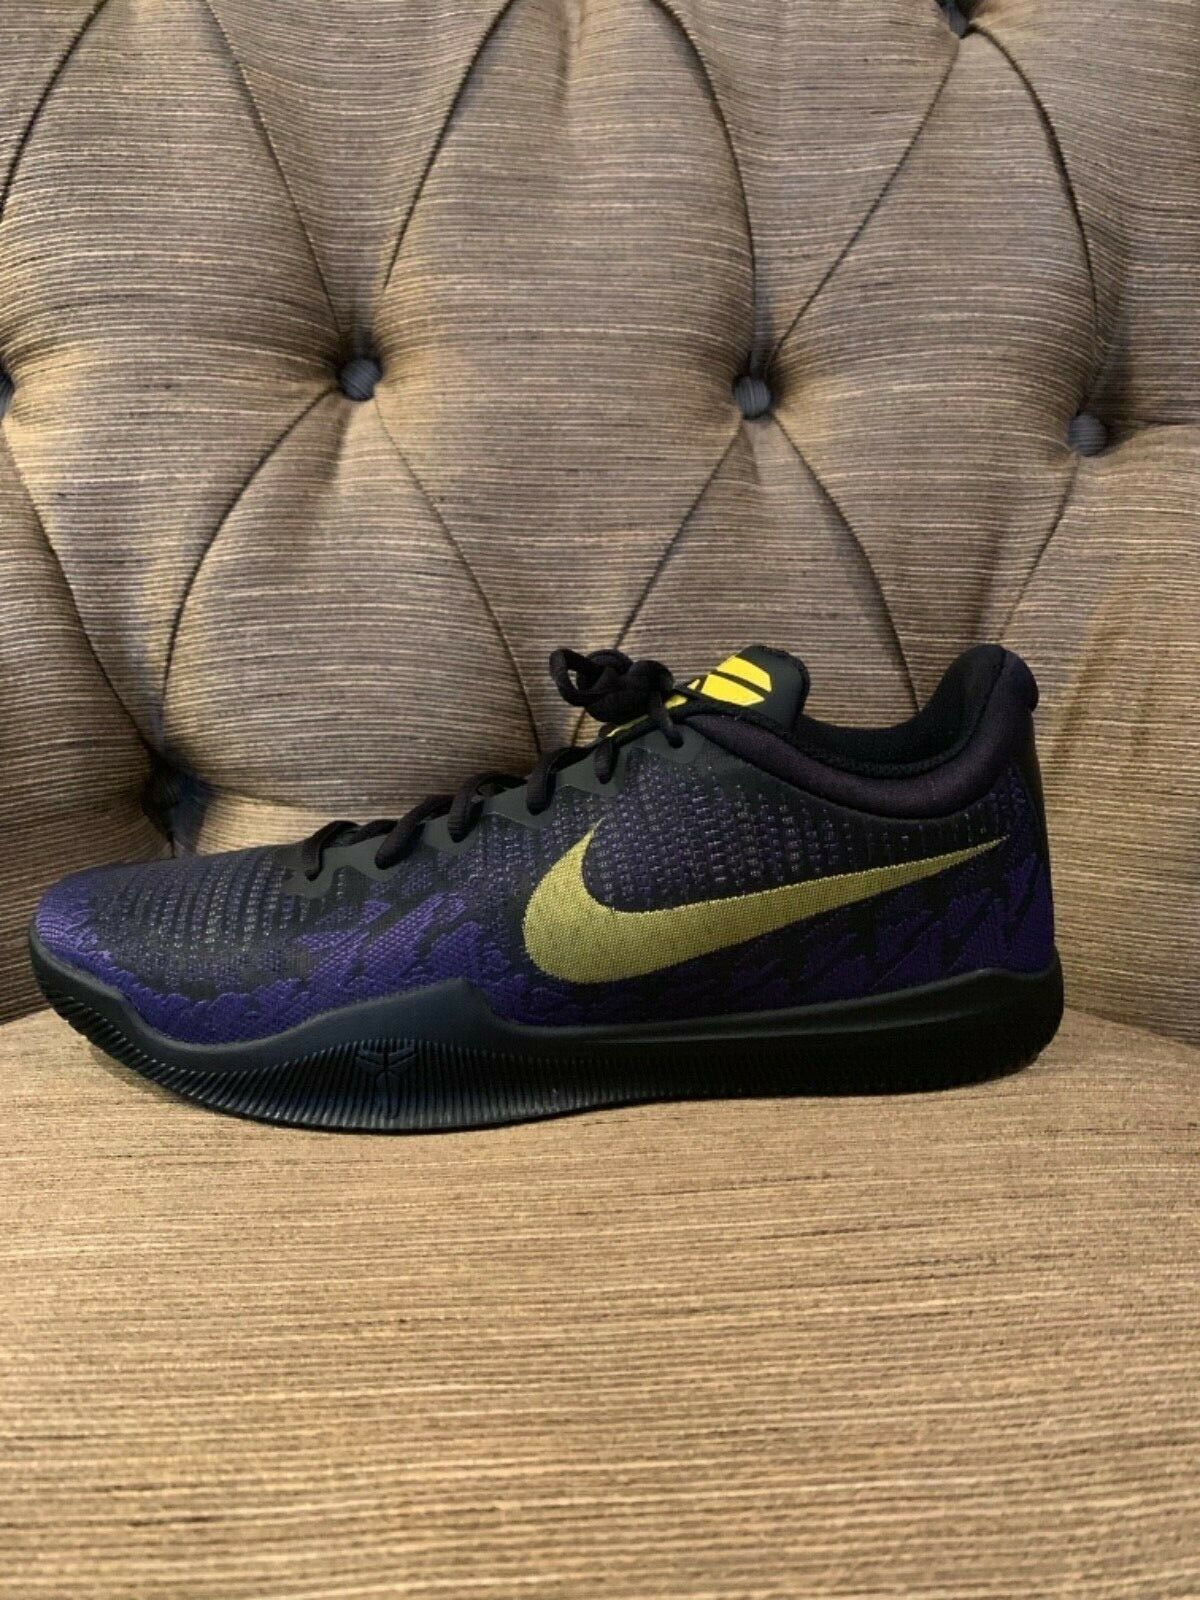 Nike Kobe Mamba Rage Lakers Size 11 Black Yellow Purple Brand New Rare